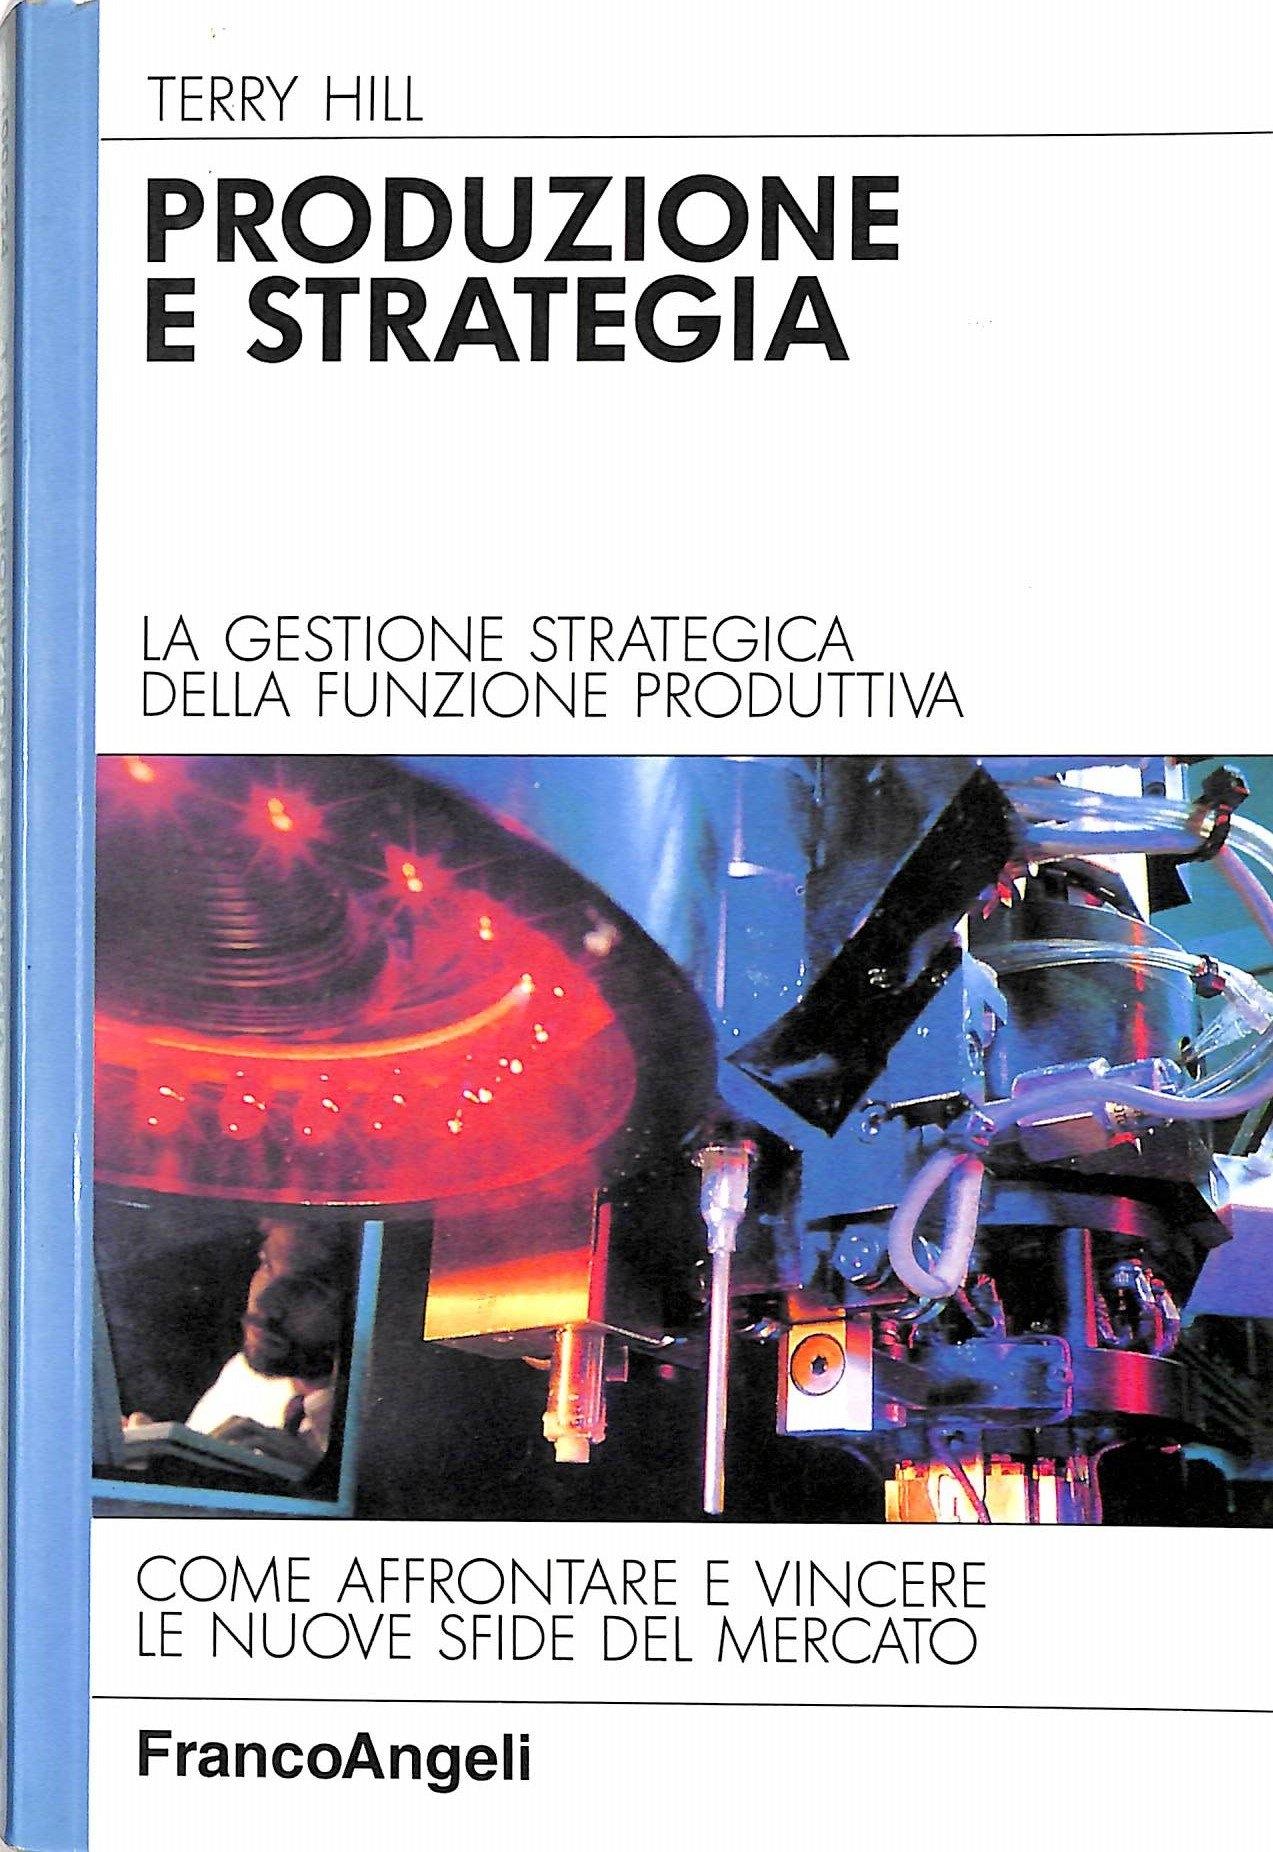 Produzione e strategia. La gestione strategica della funzione produttiva. Come affrontare e vincere le nuove sfide del mercato